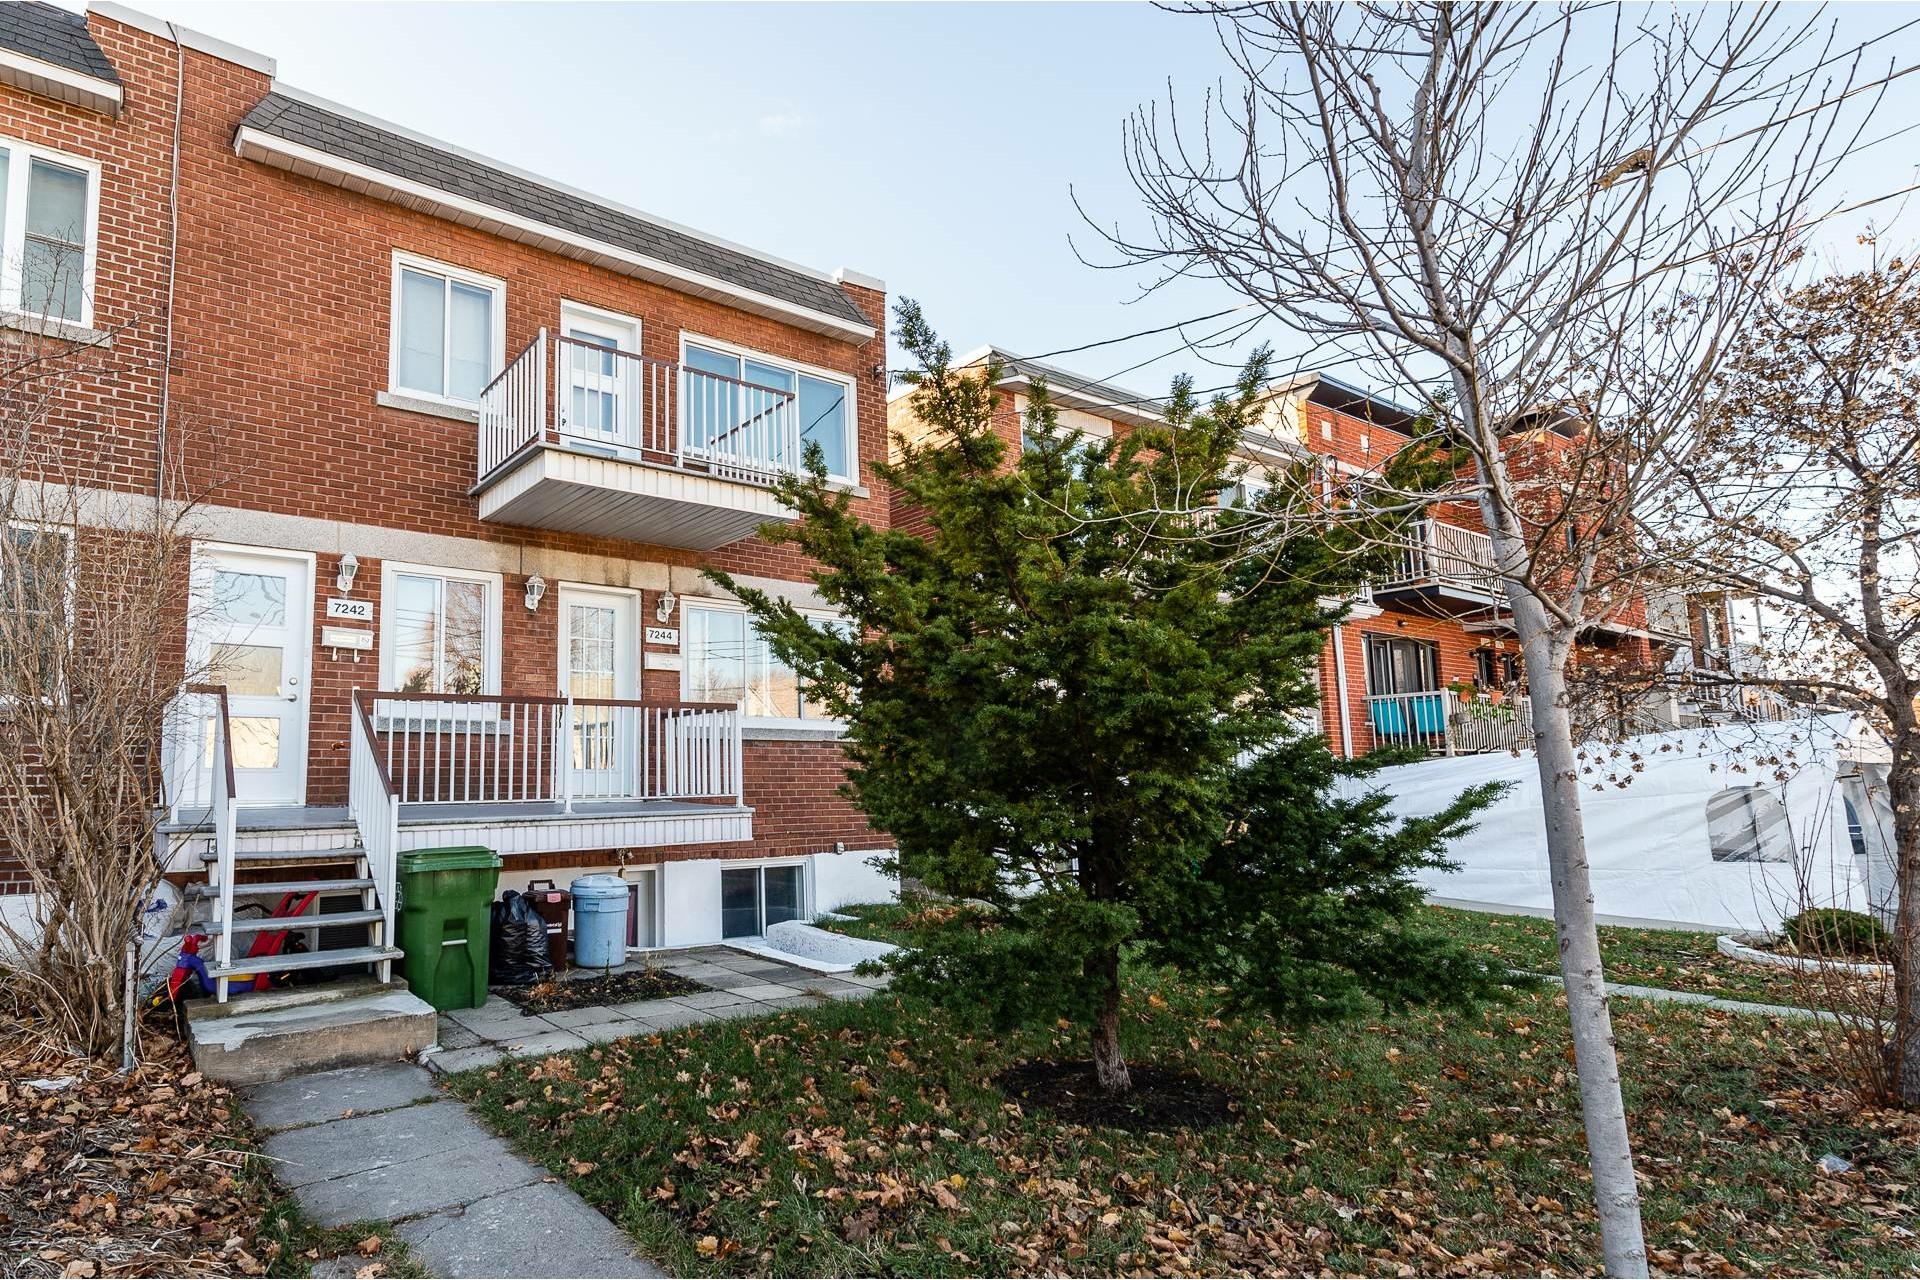 image 19 - Duplex À vendre Villeray/Saint-Michel/Parc-Extension Montréal  - 5 pièces